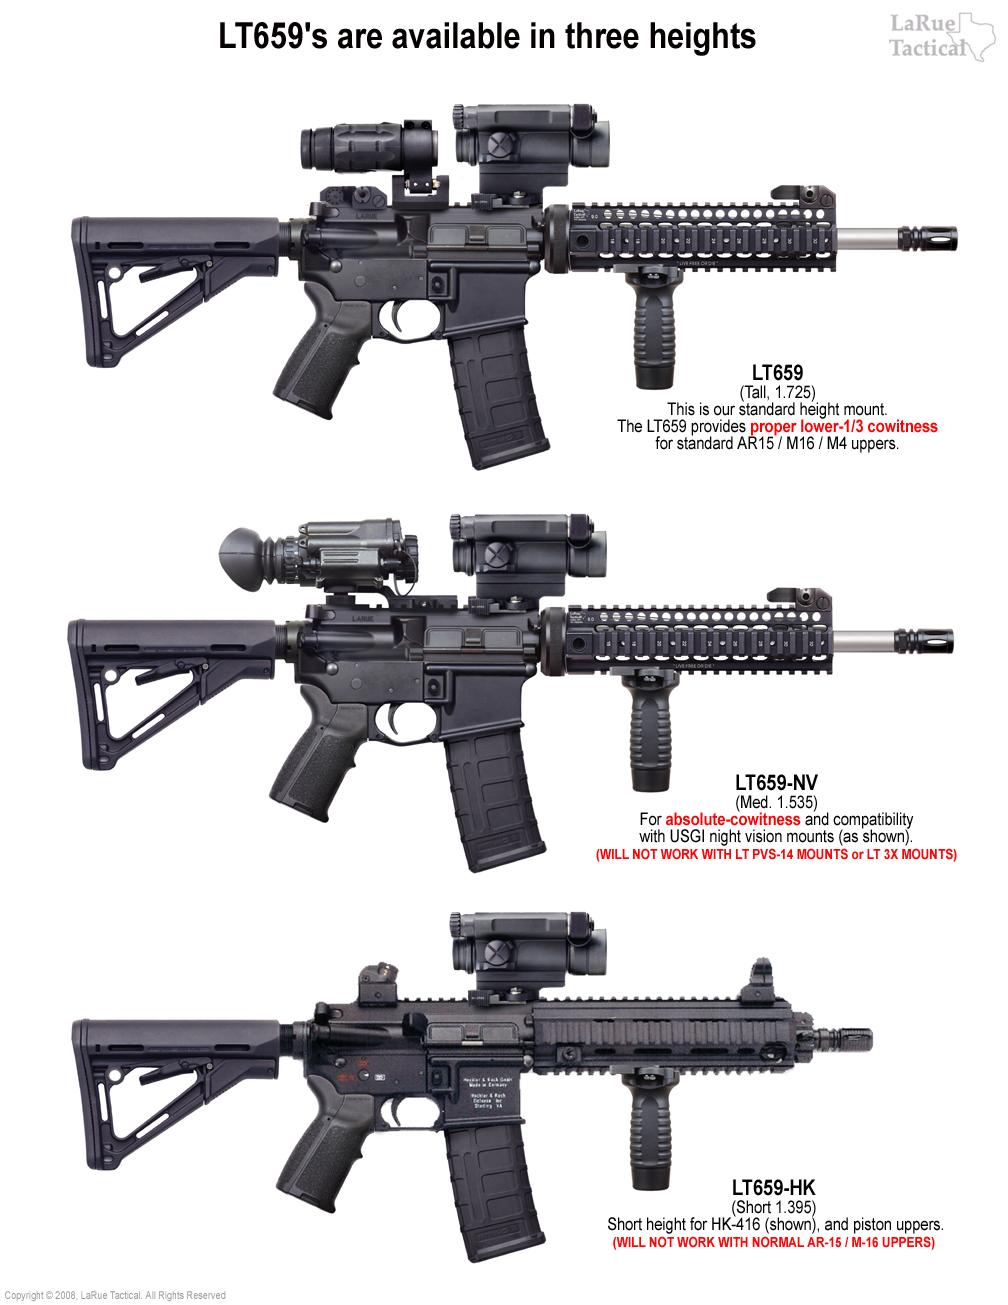 බුද්ධිමත් මතු පරපුරක් උදෙසා...: M4 carbine